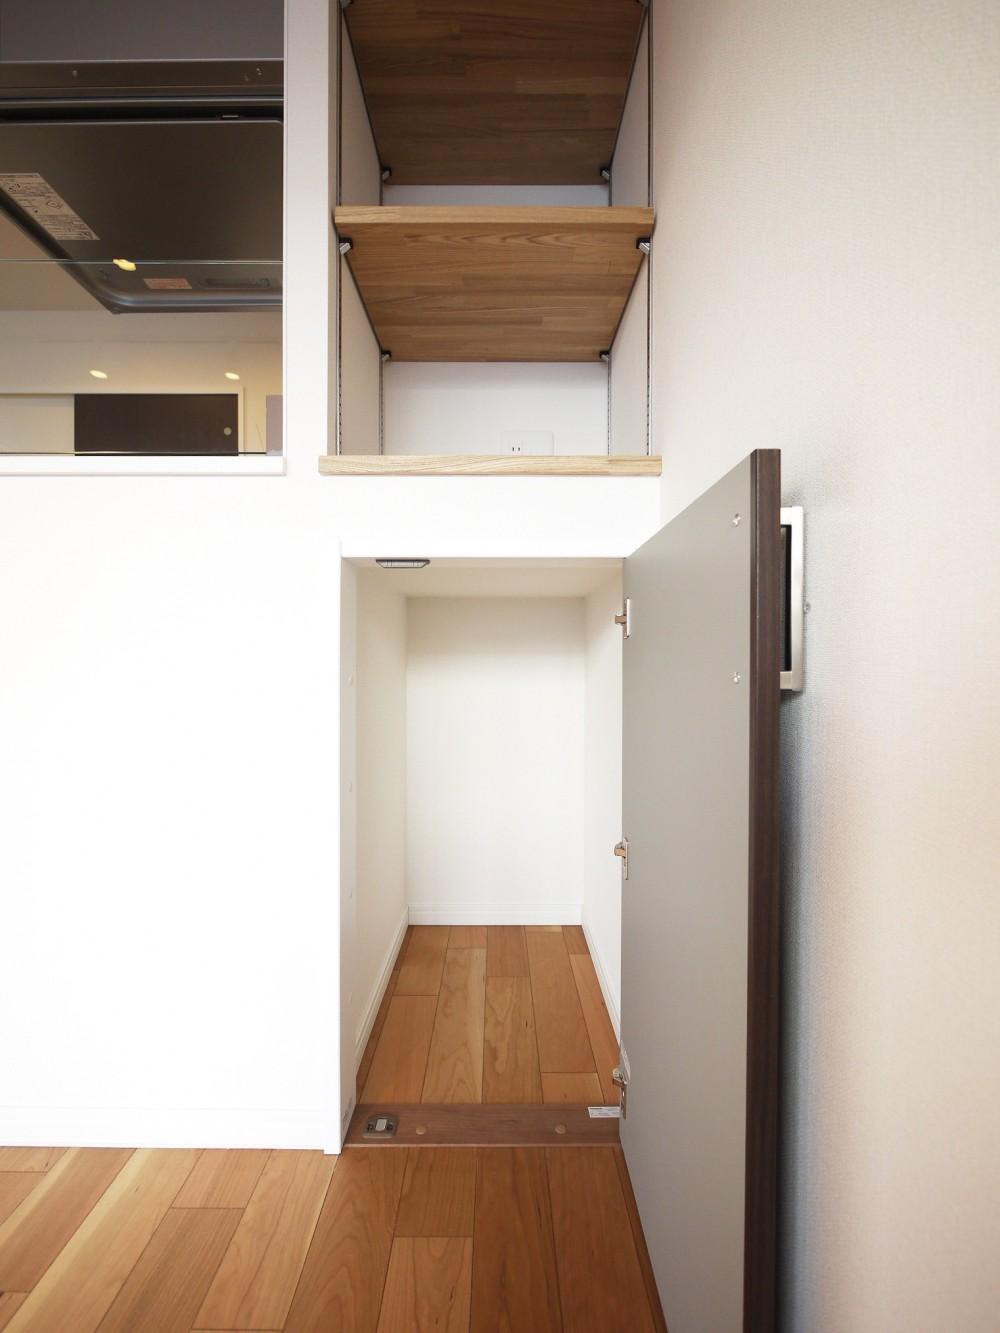 ペニンシュラ型キッチンの1LDKに (カウンター横収納)